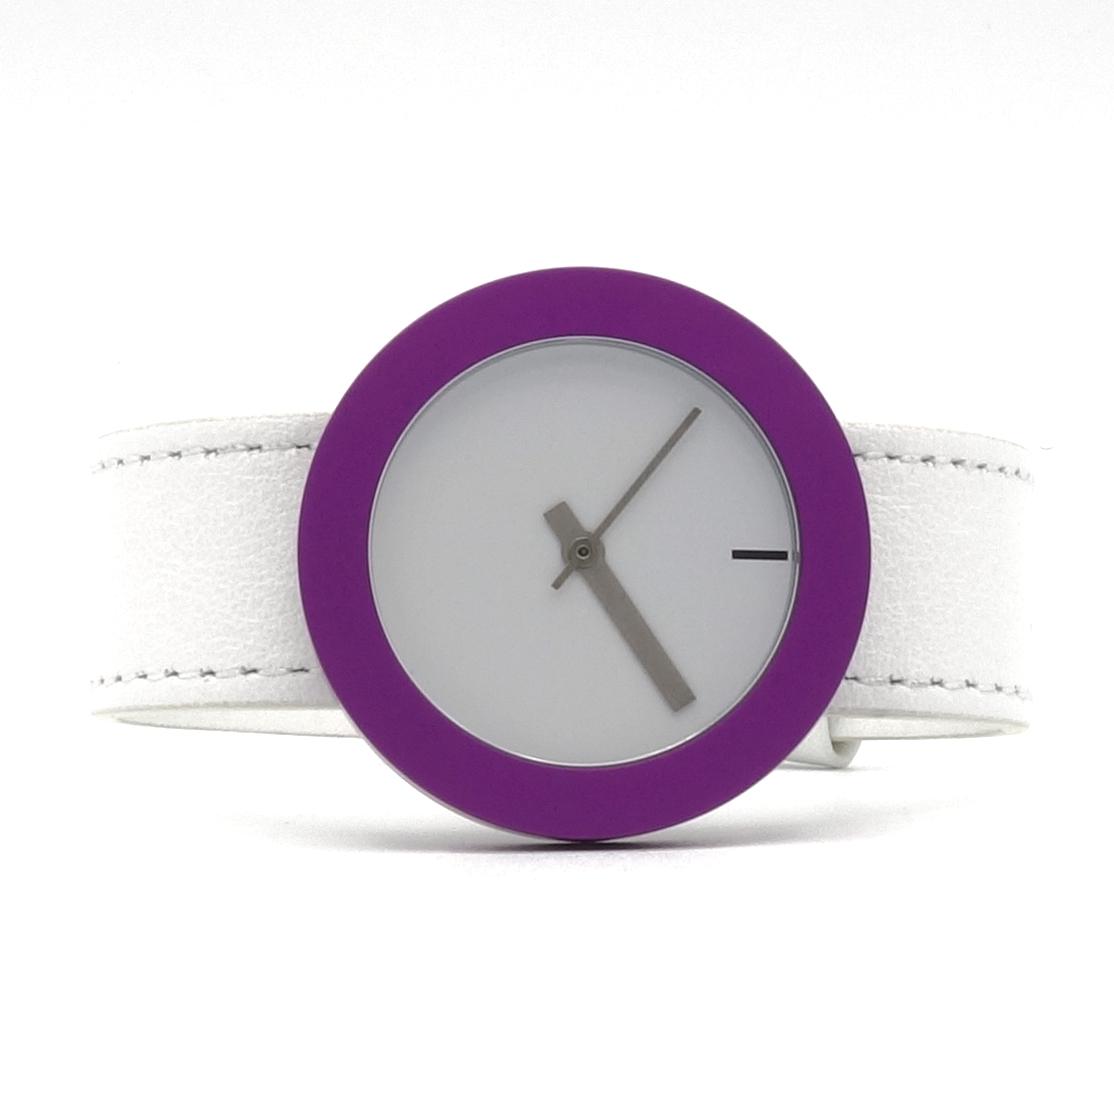 wit horloge met verwisselbare rand, veel kleuren